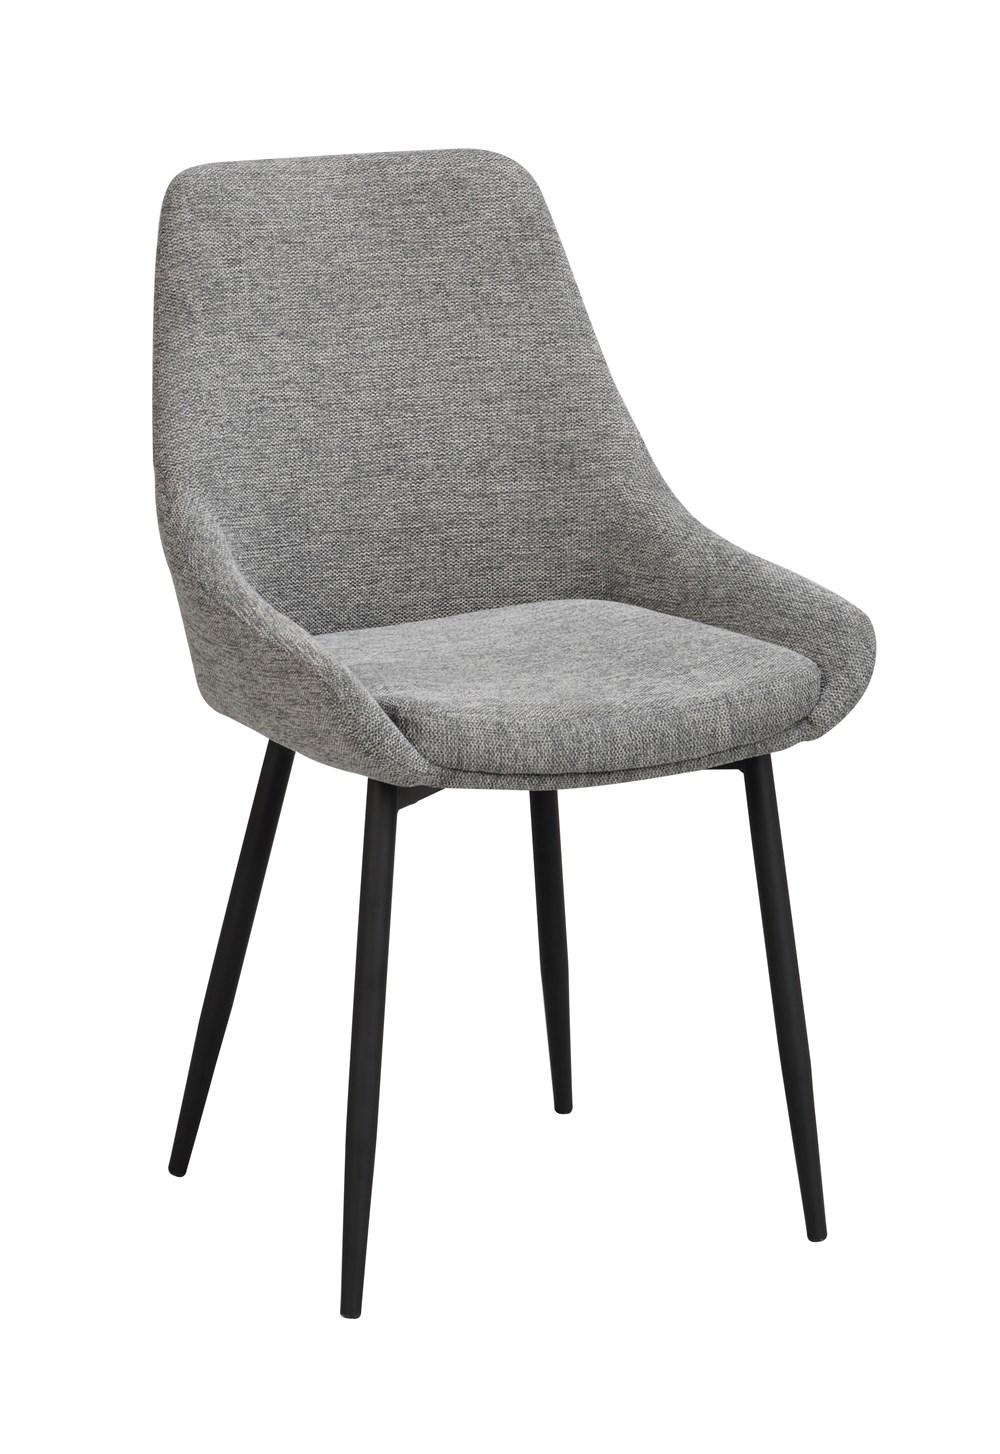 Sierra tuoli harmaa kangas / musta metalli, Rowico